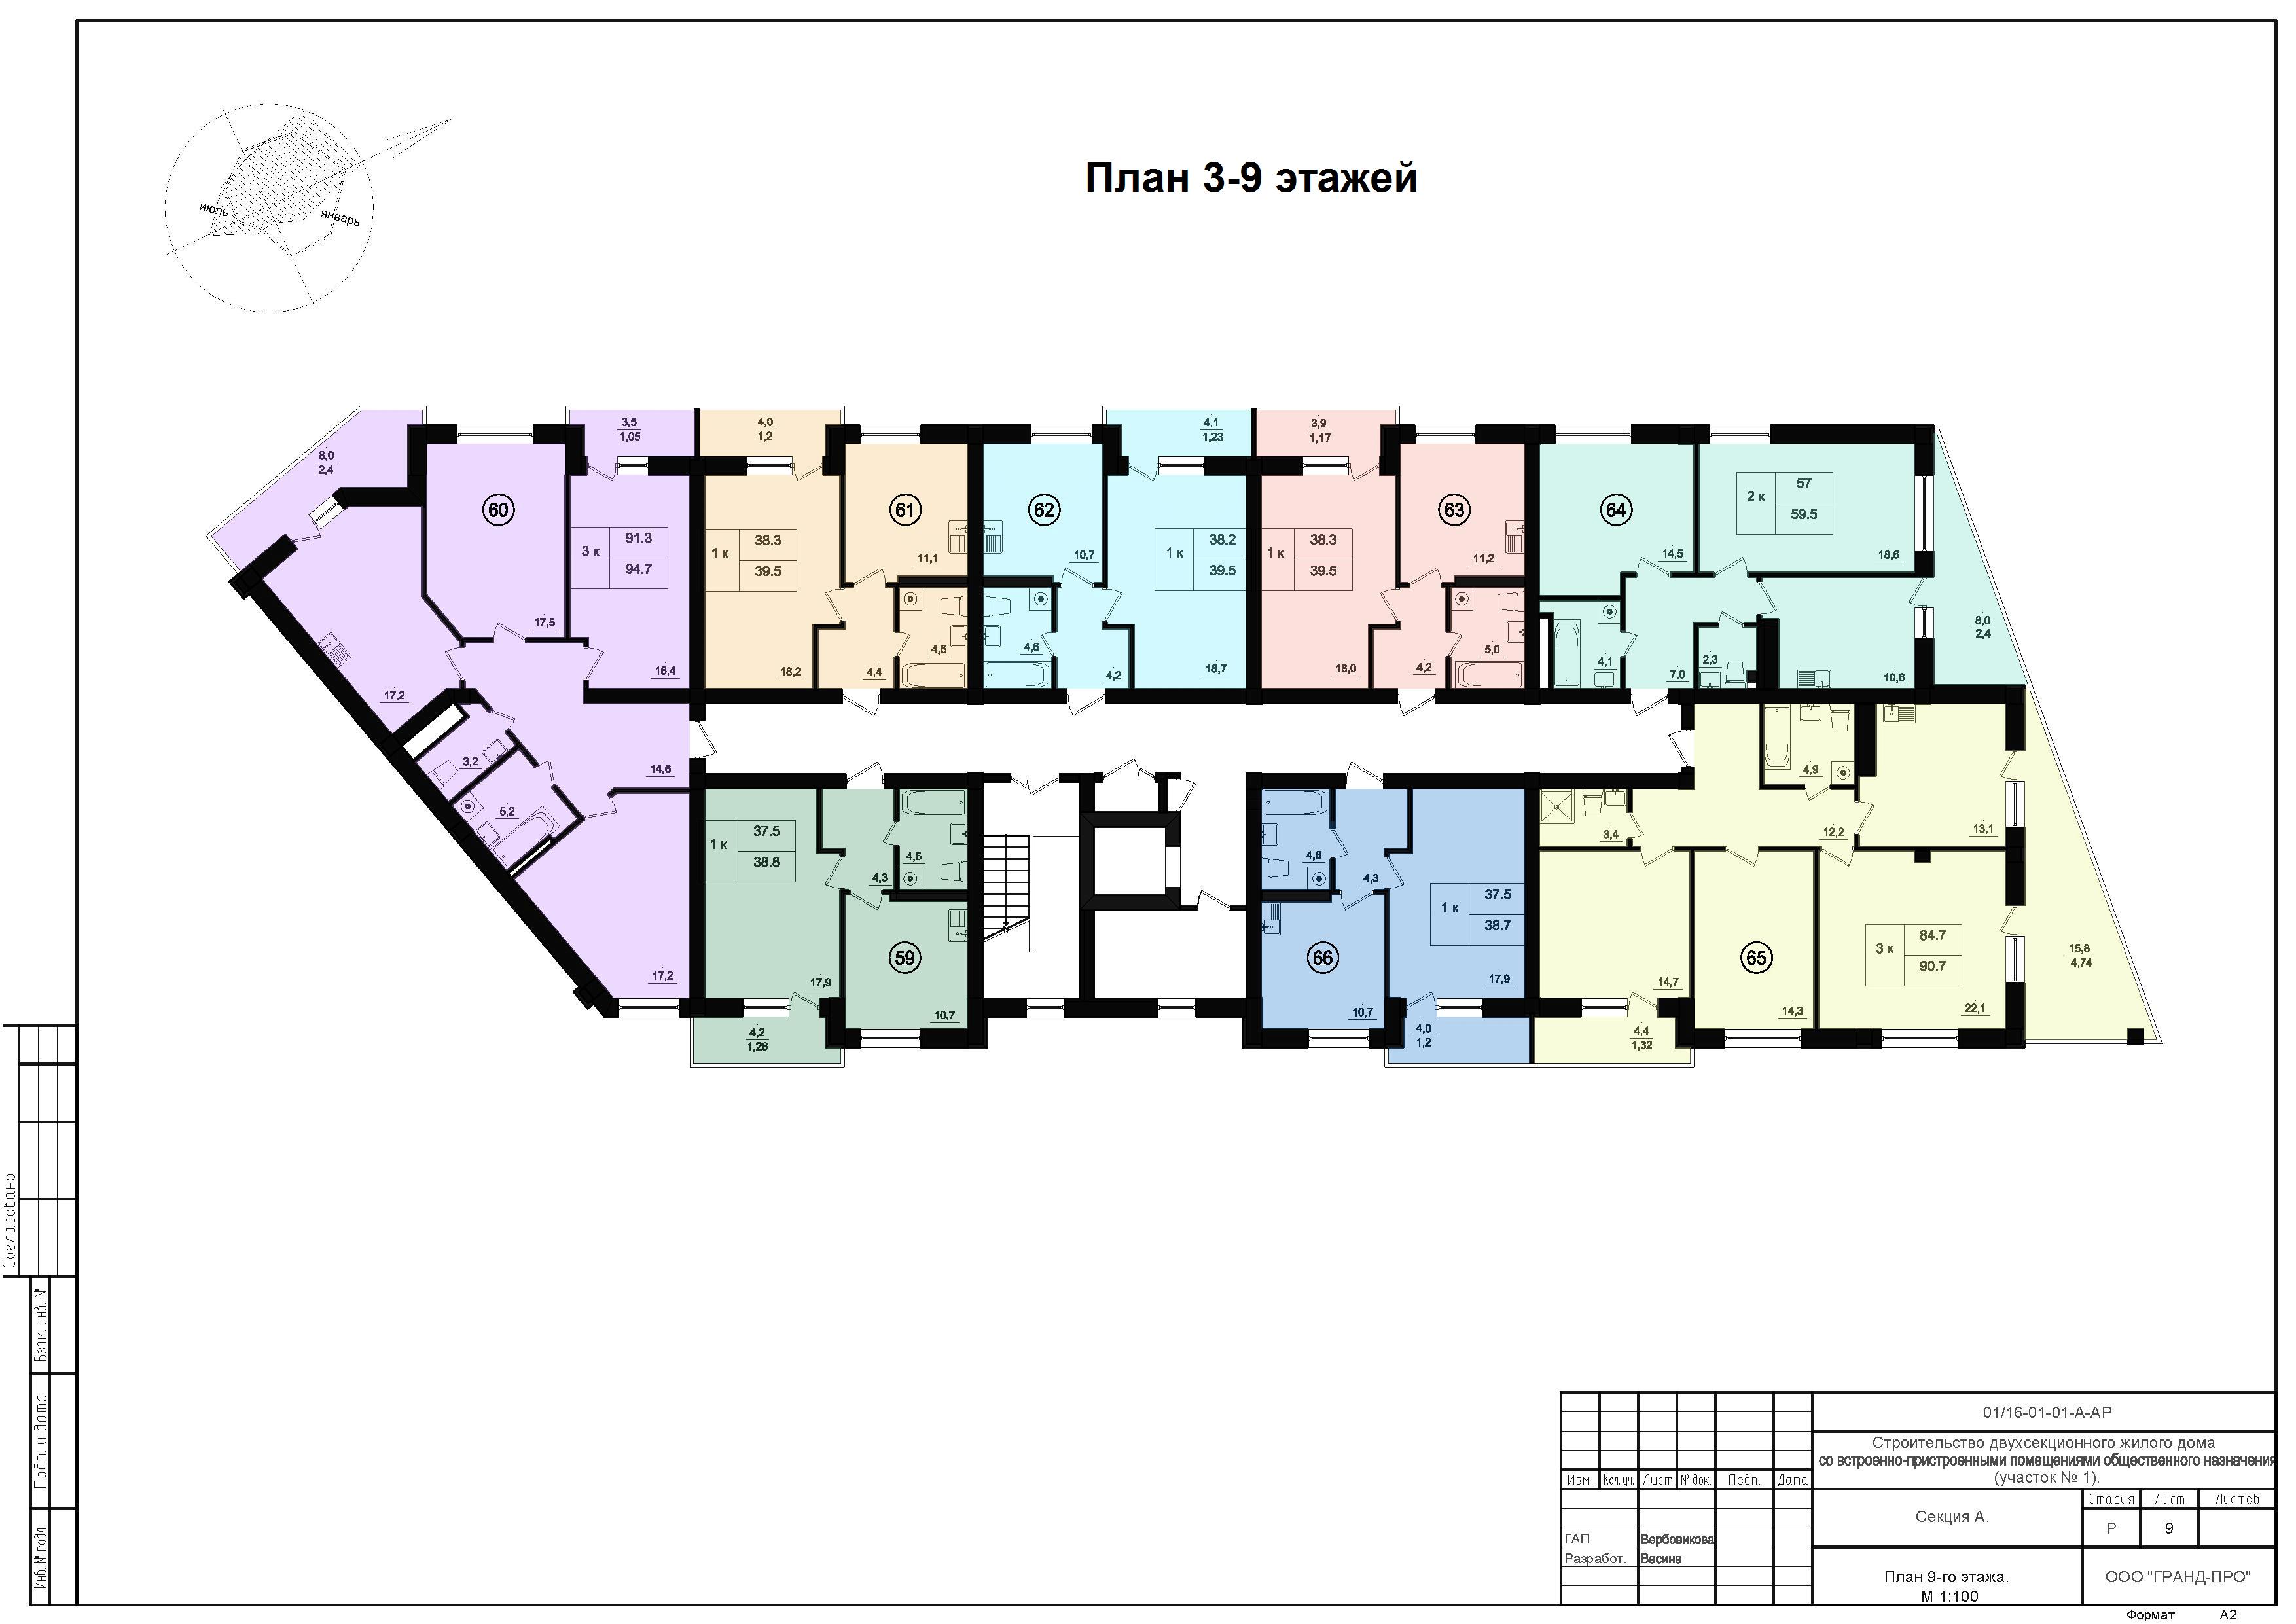 ЖК Парк Фонтанов / Секция 9 / План 3-9 этажей